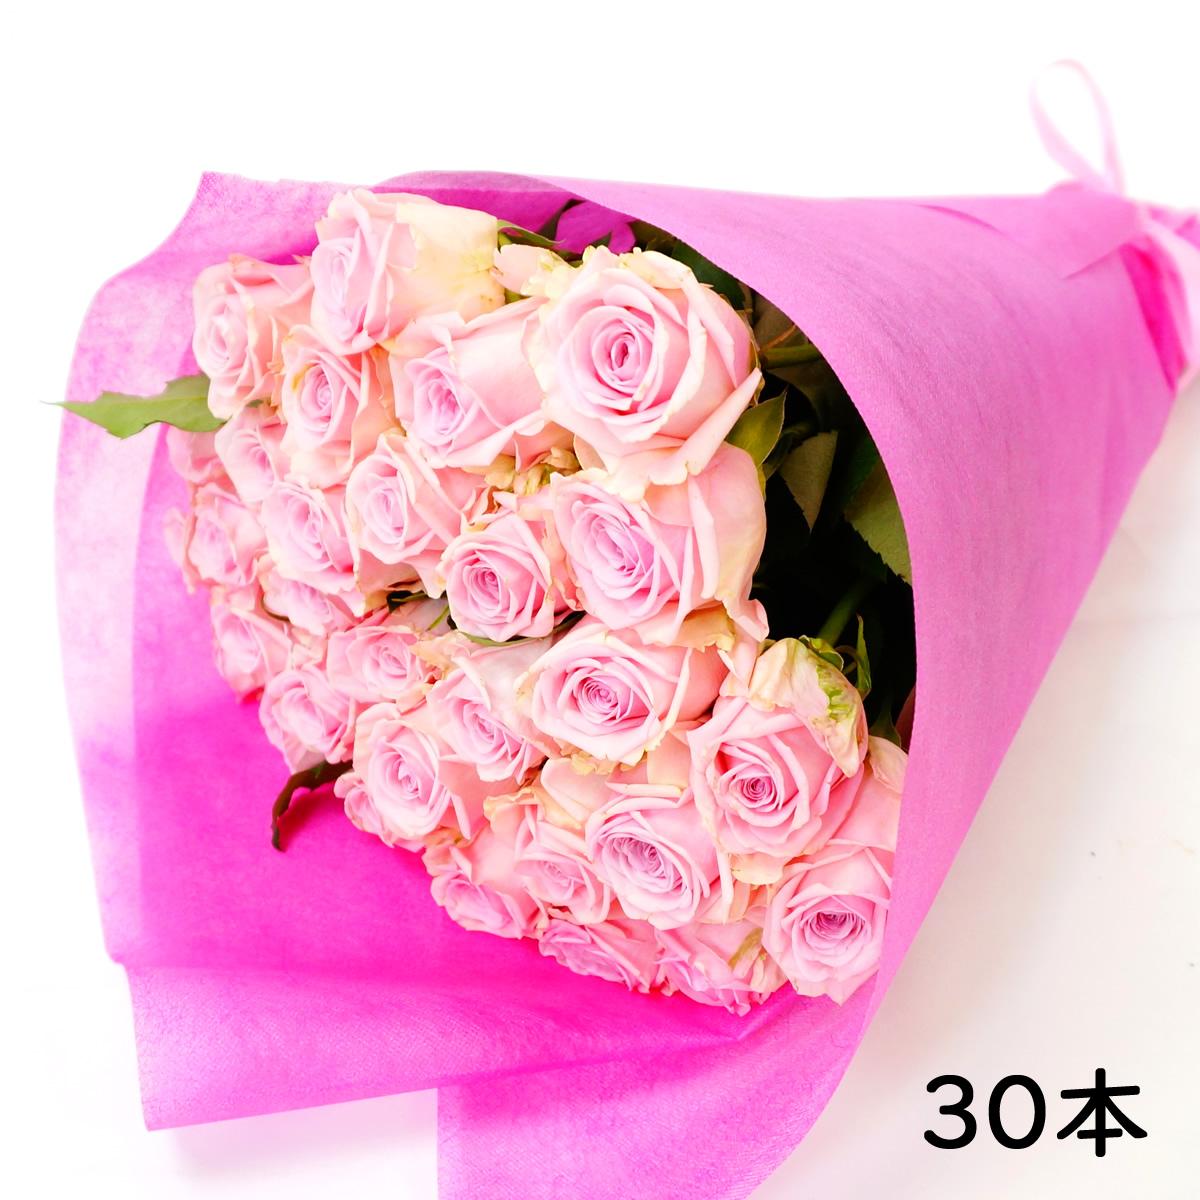 花門フラワーゲート バラ花束 30本 ピンク 生花/ギフト/プレゼント/贈答/お祝い/記念日/大切な日/バレンタインデー